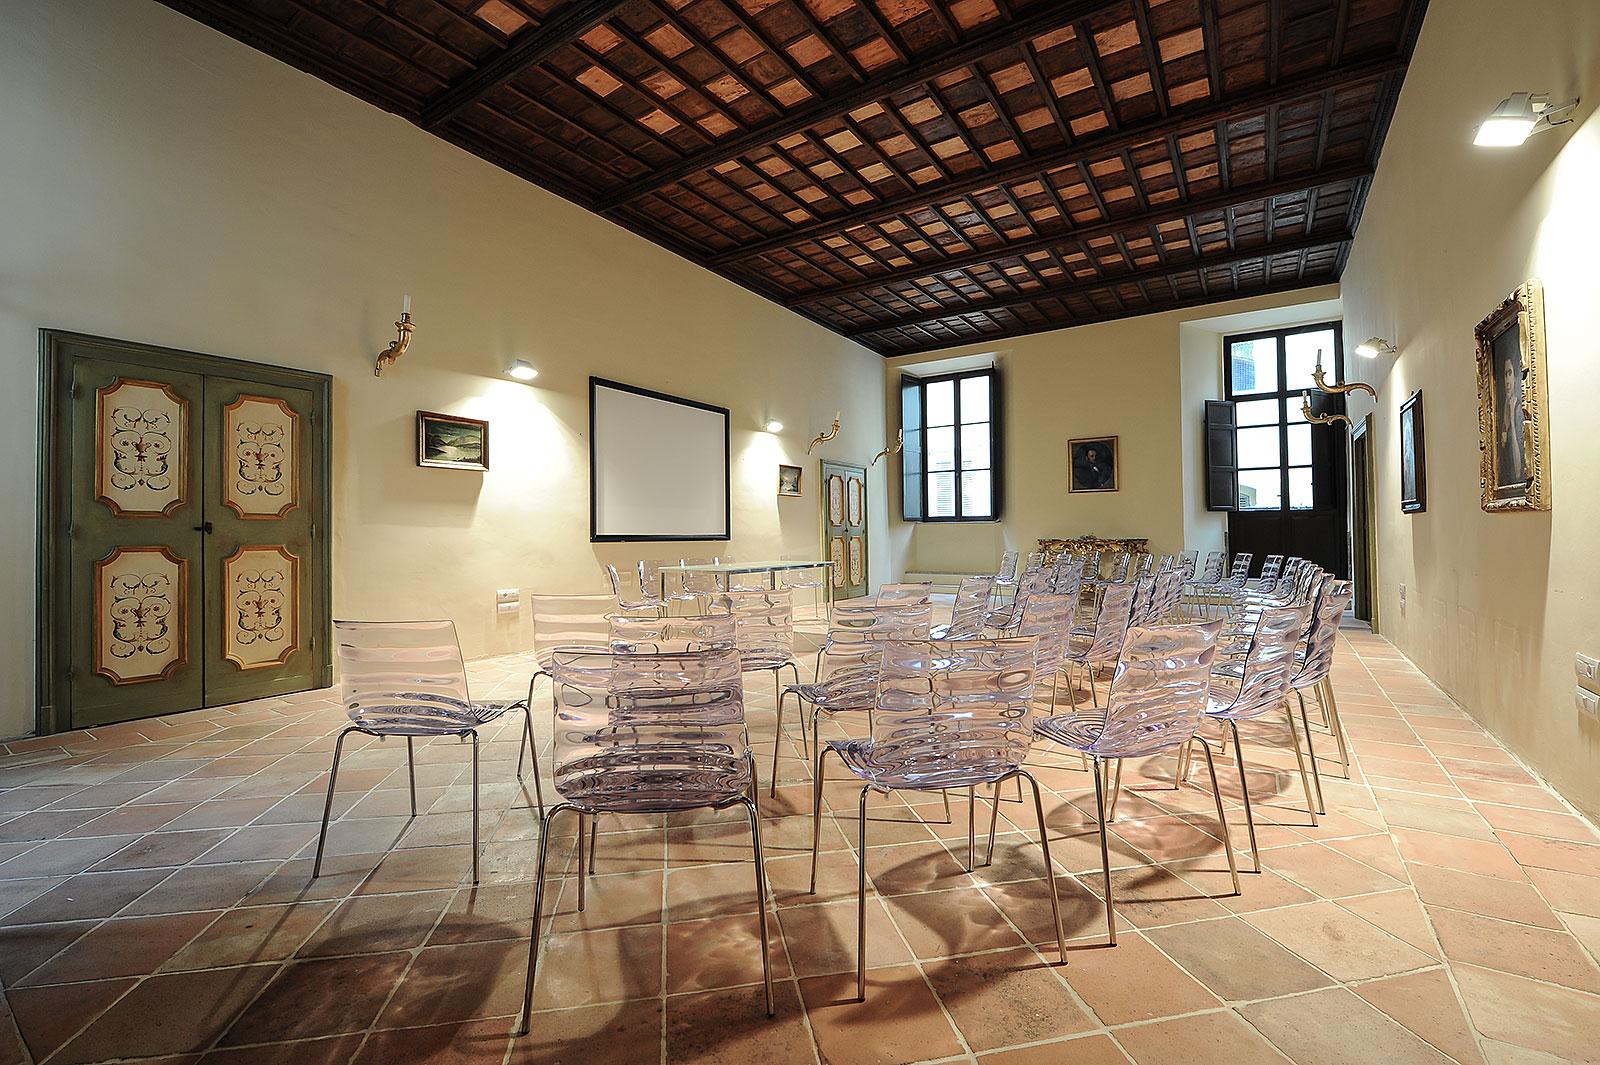 Affitto salone per feste a Foligno